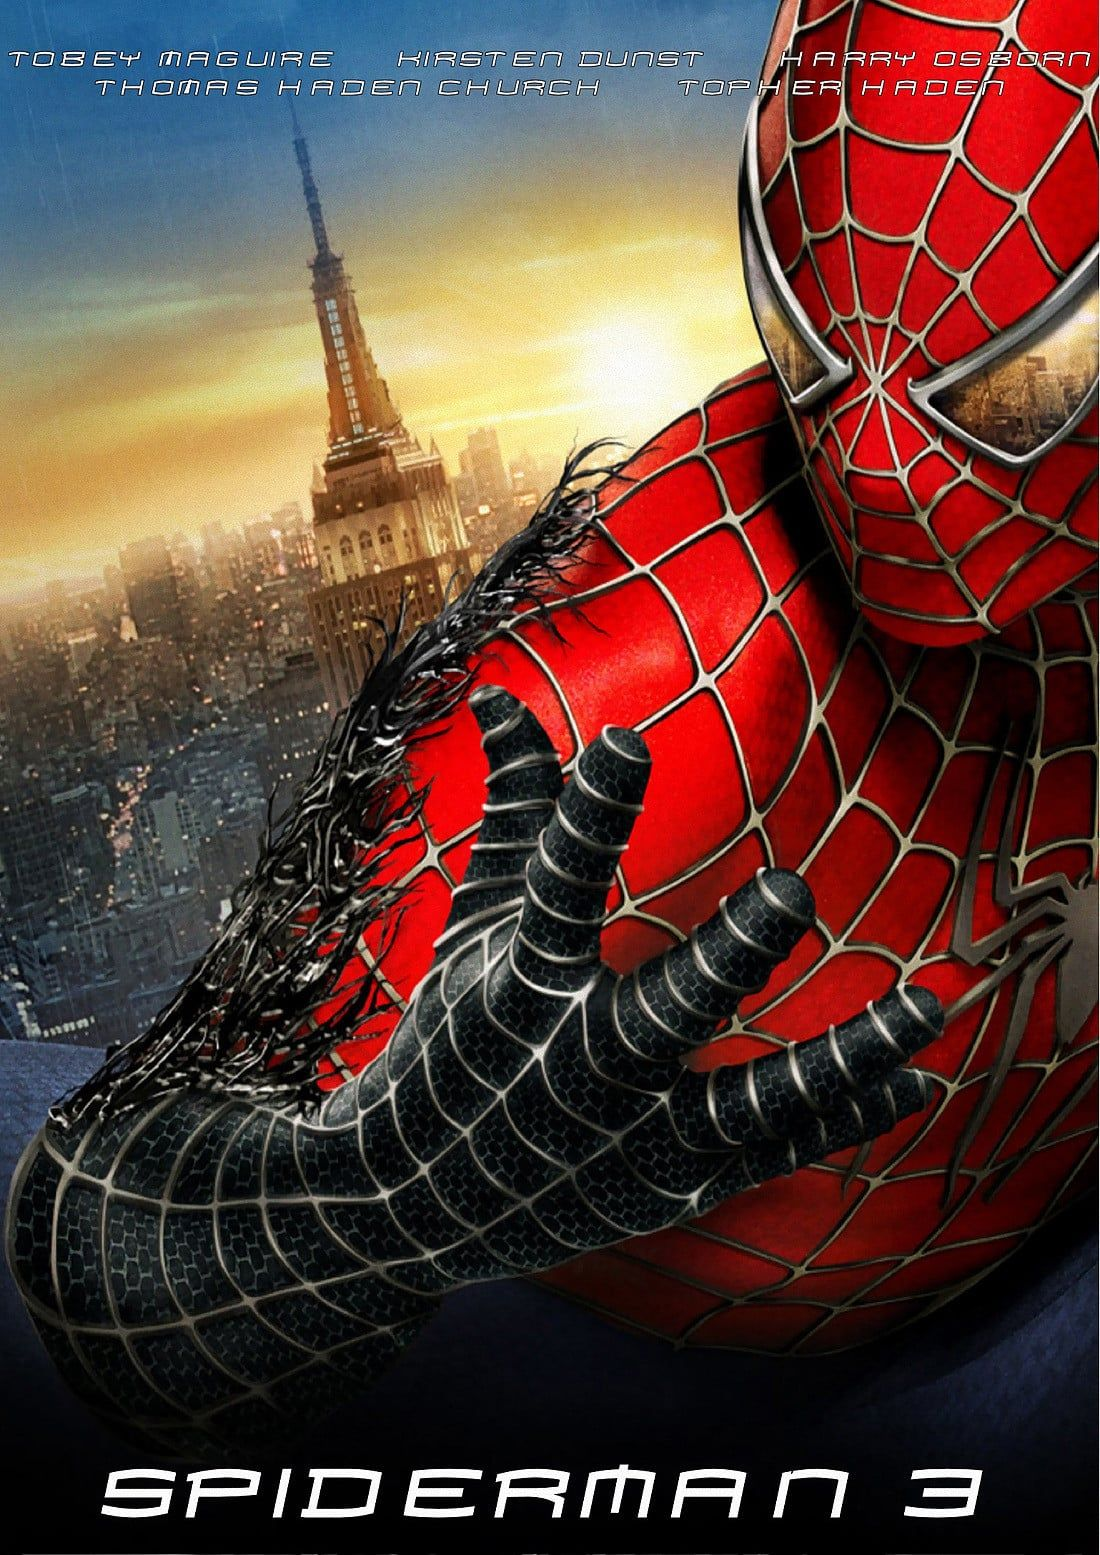 spider-man 3 streaming vf complet en ligne gratuite streaming vf